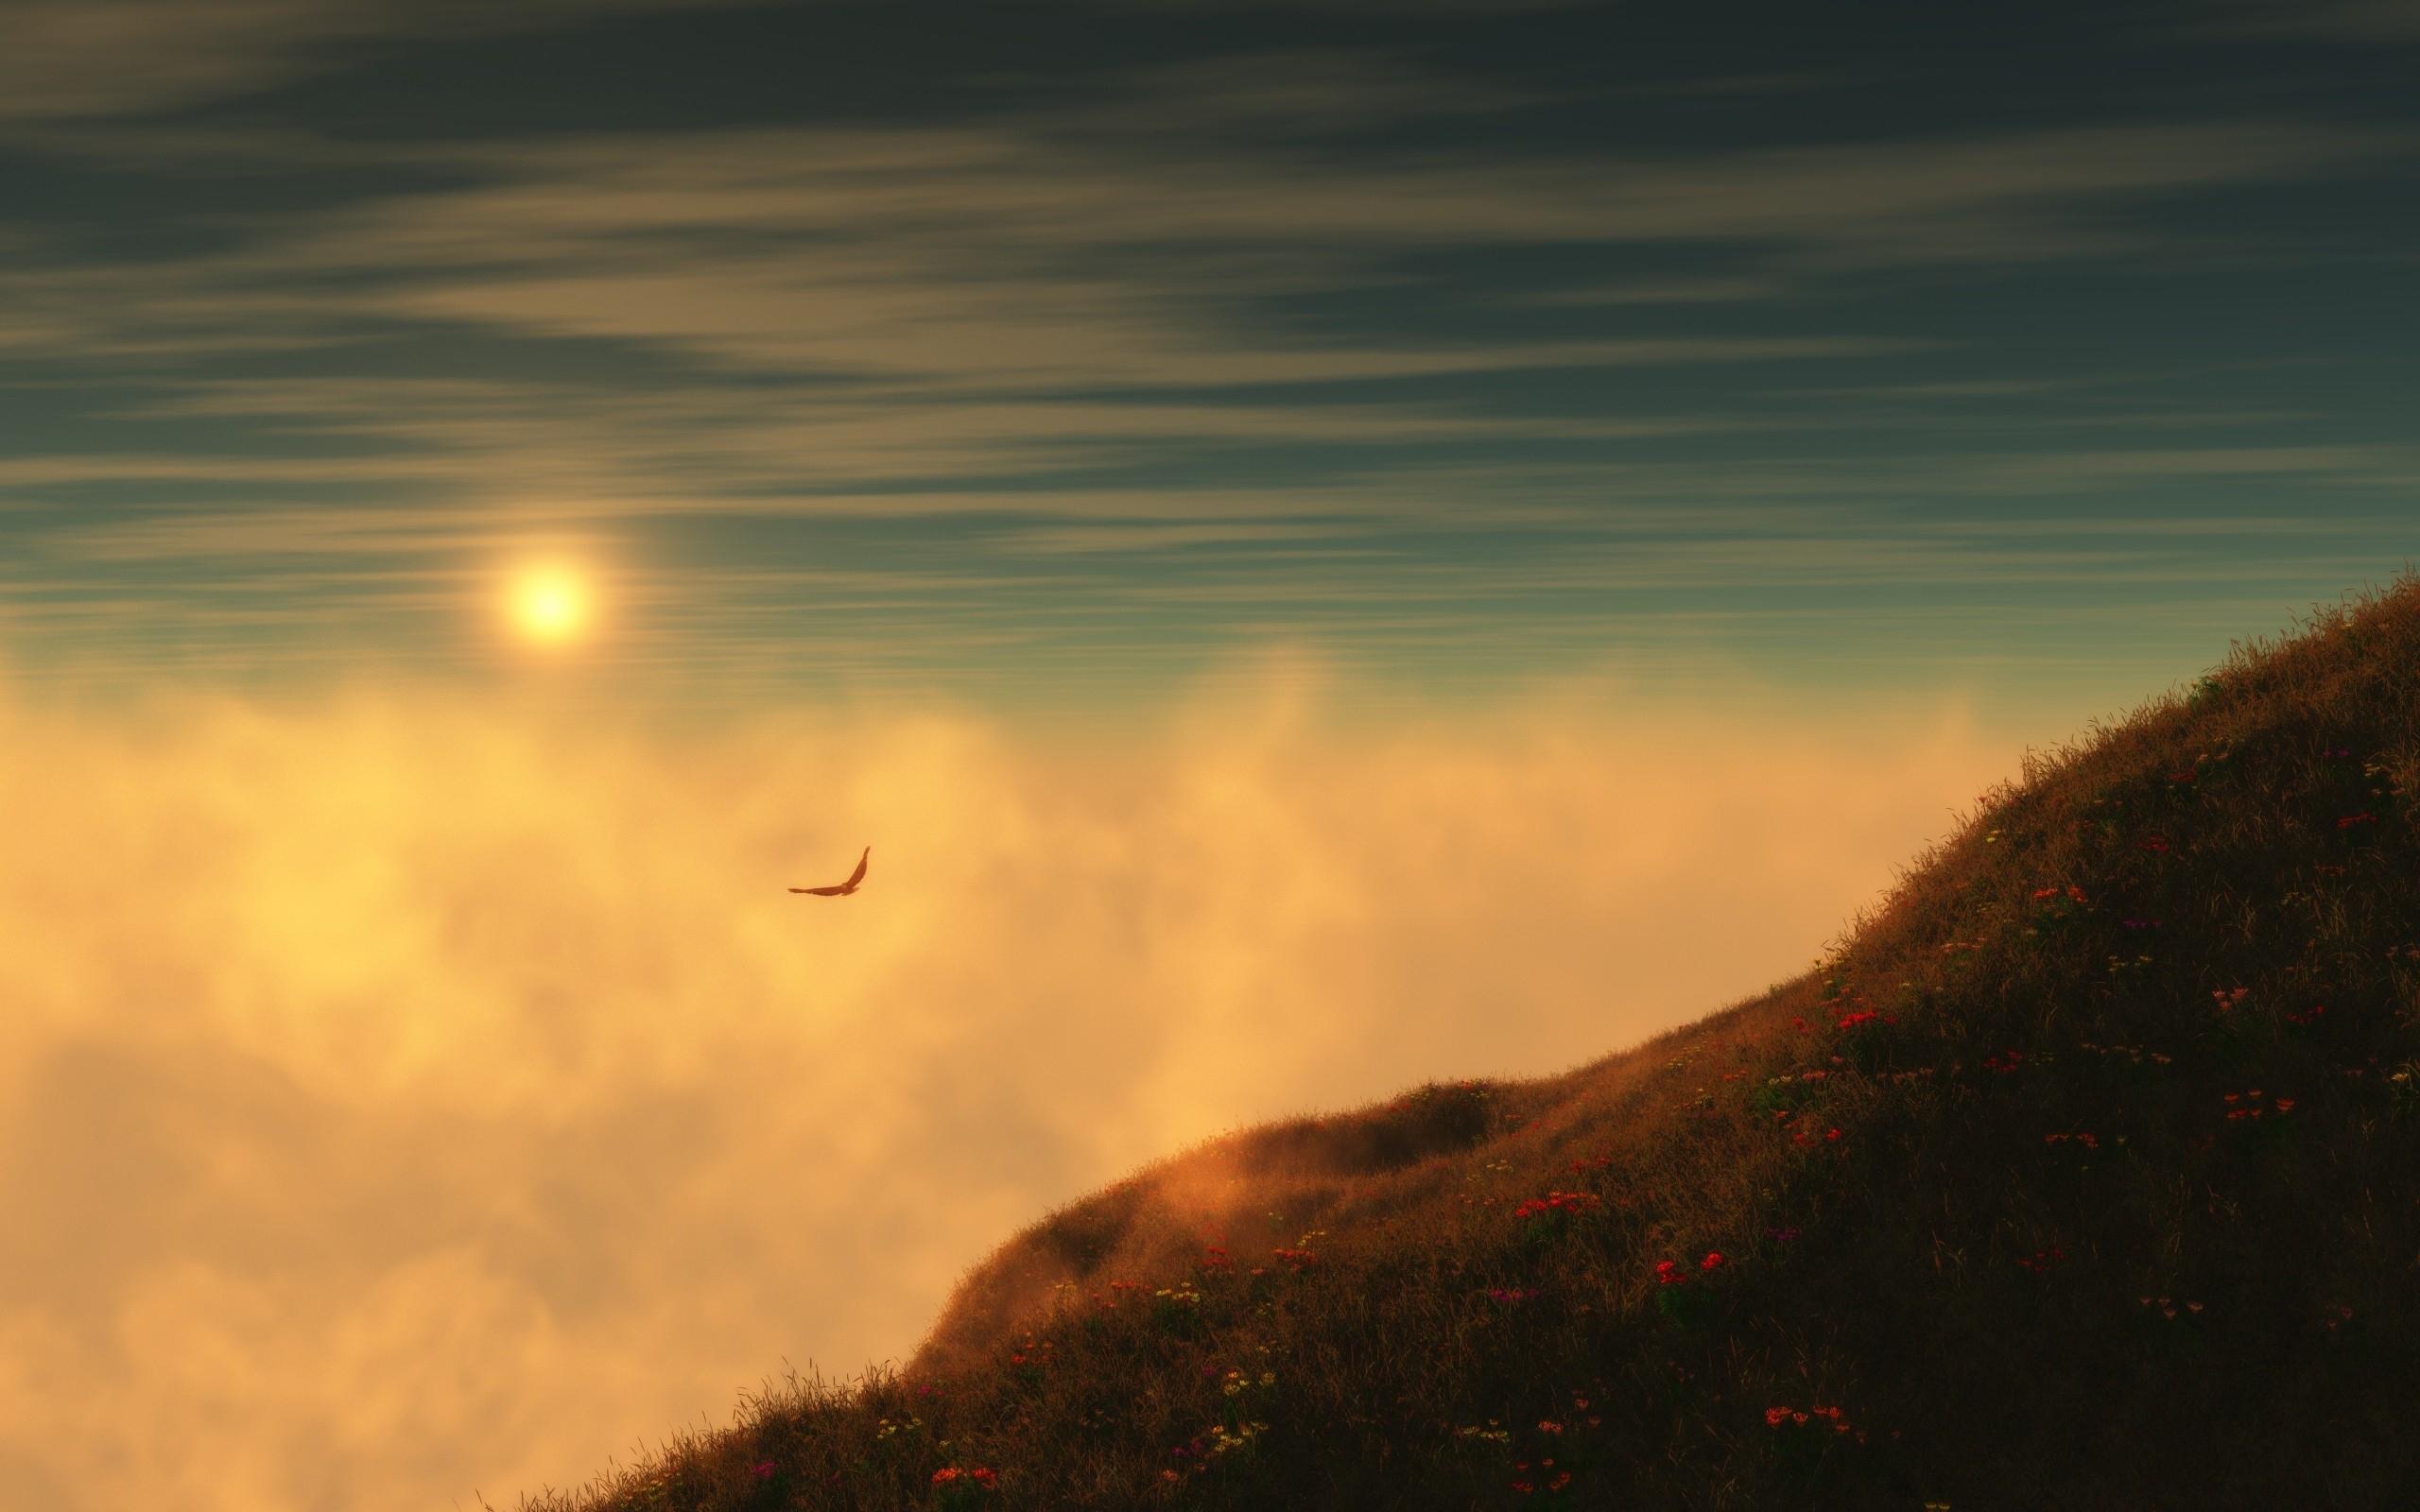 26305 скачать обои Пейзаж, Закат, Небо, Горы, Облака - заставки и картинки бесплатно